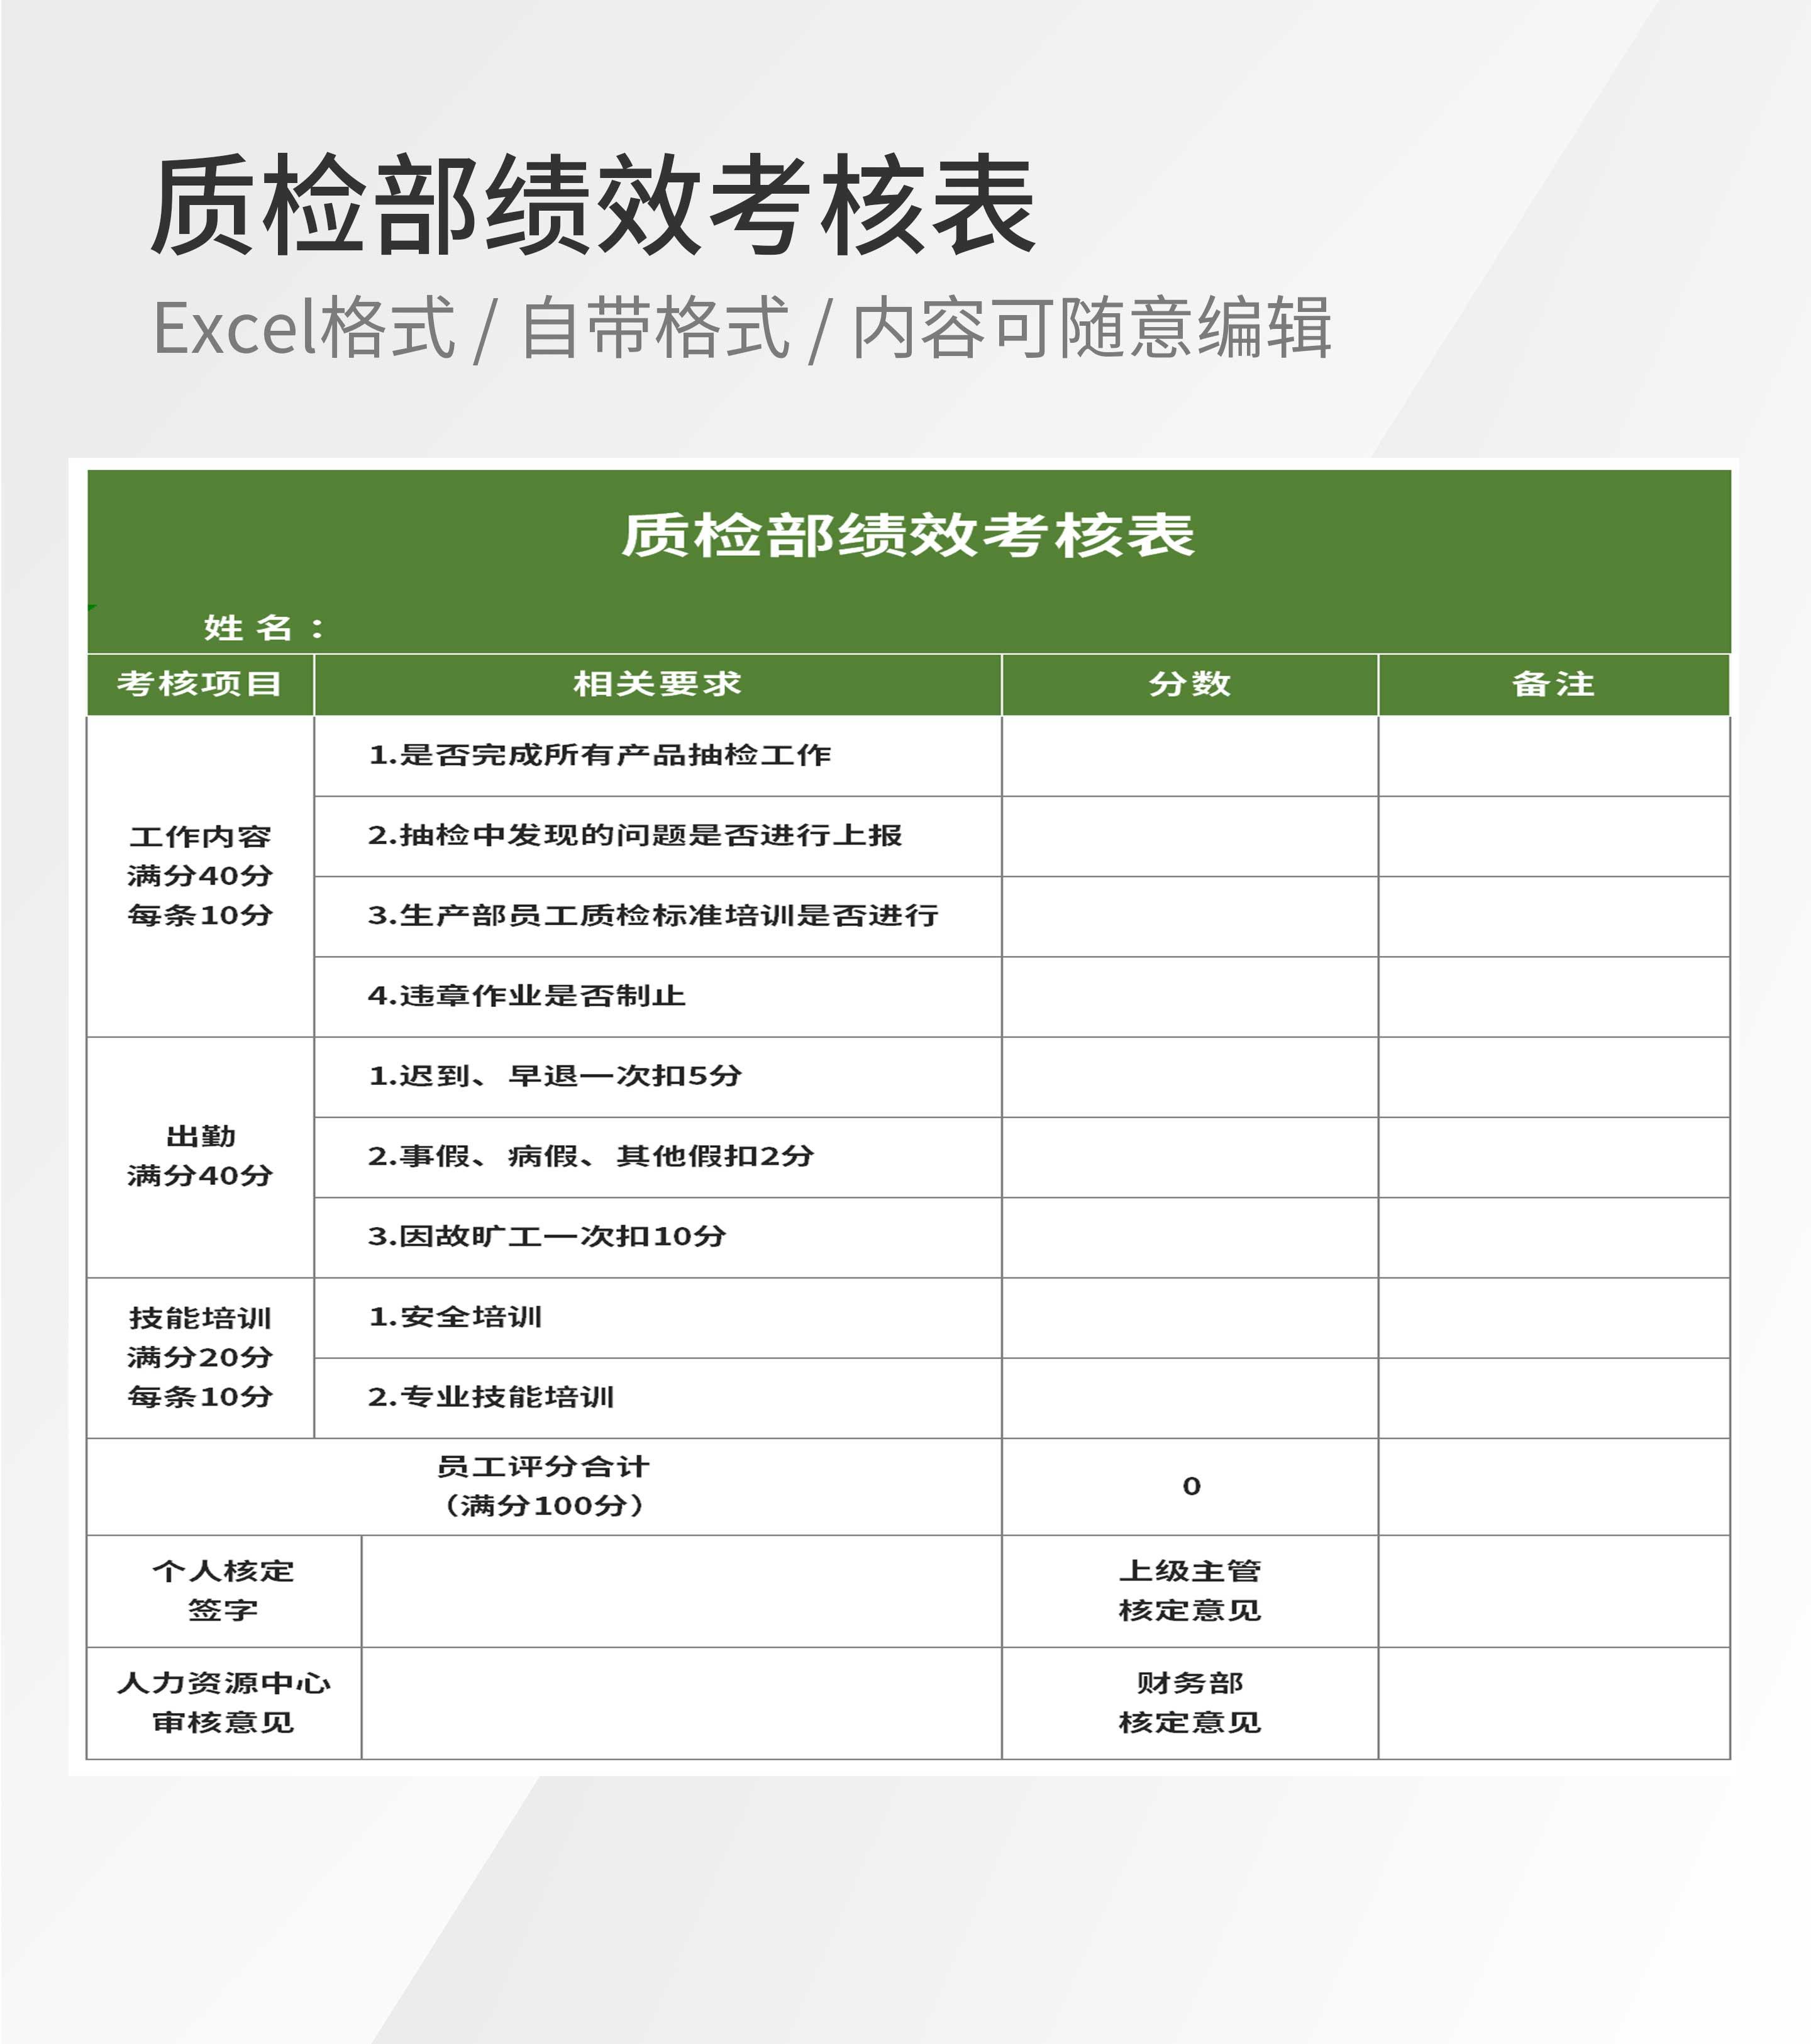 质检部员工绩效考核评分表Excel模板